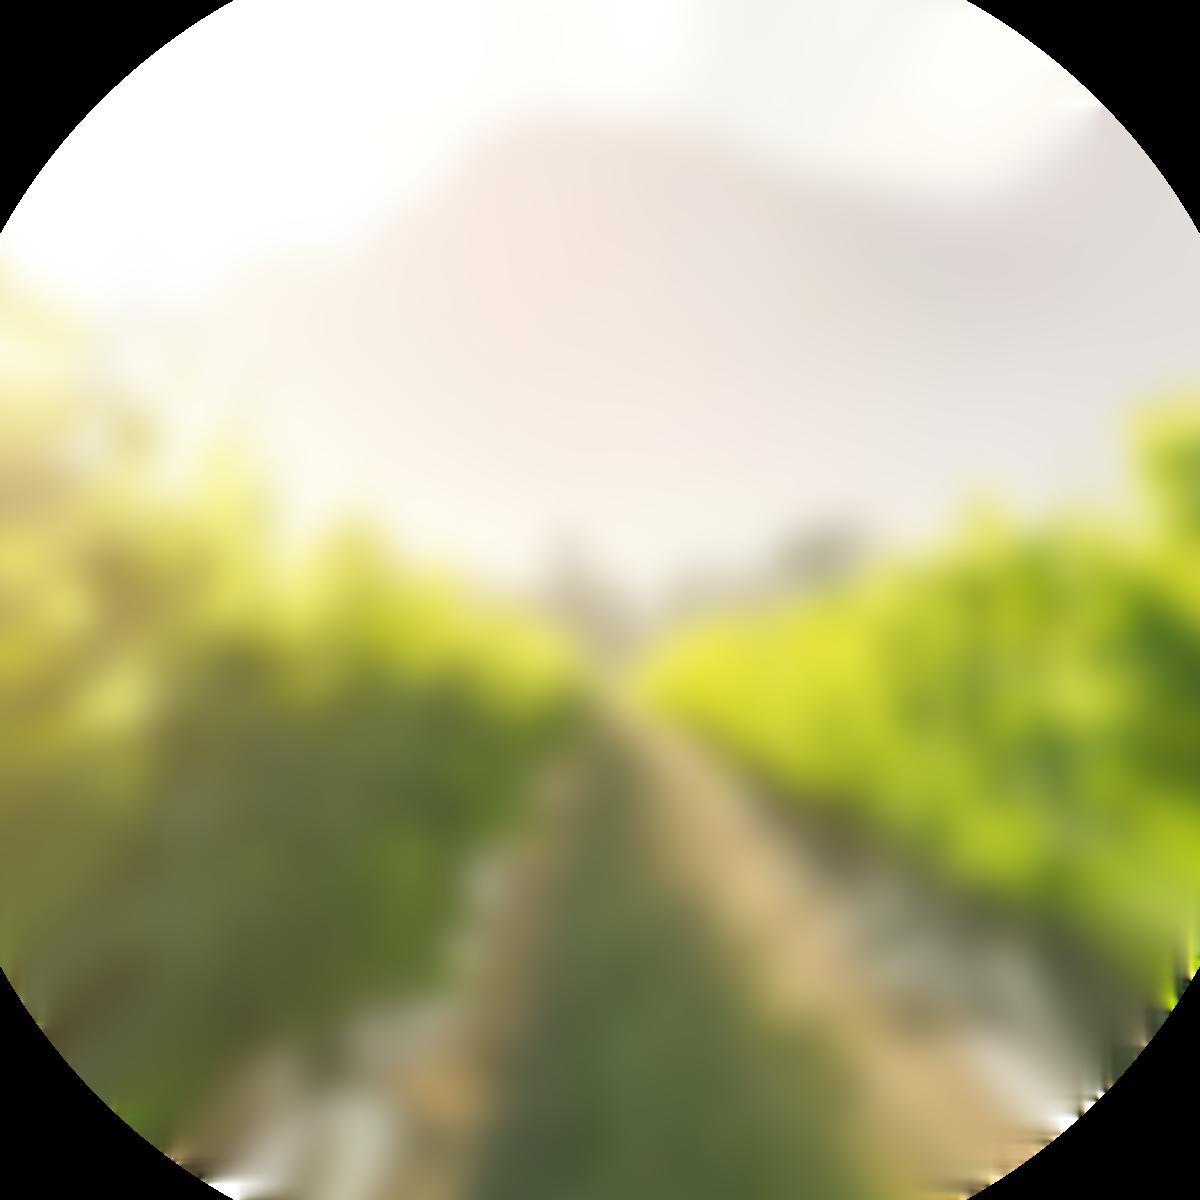 Anora brand - vineyard - round image